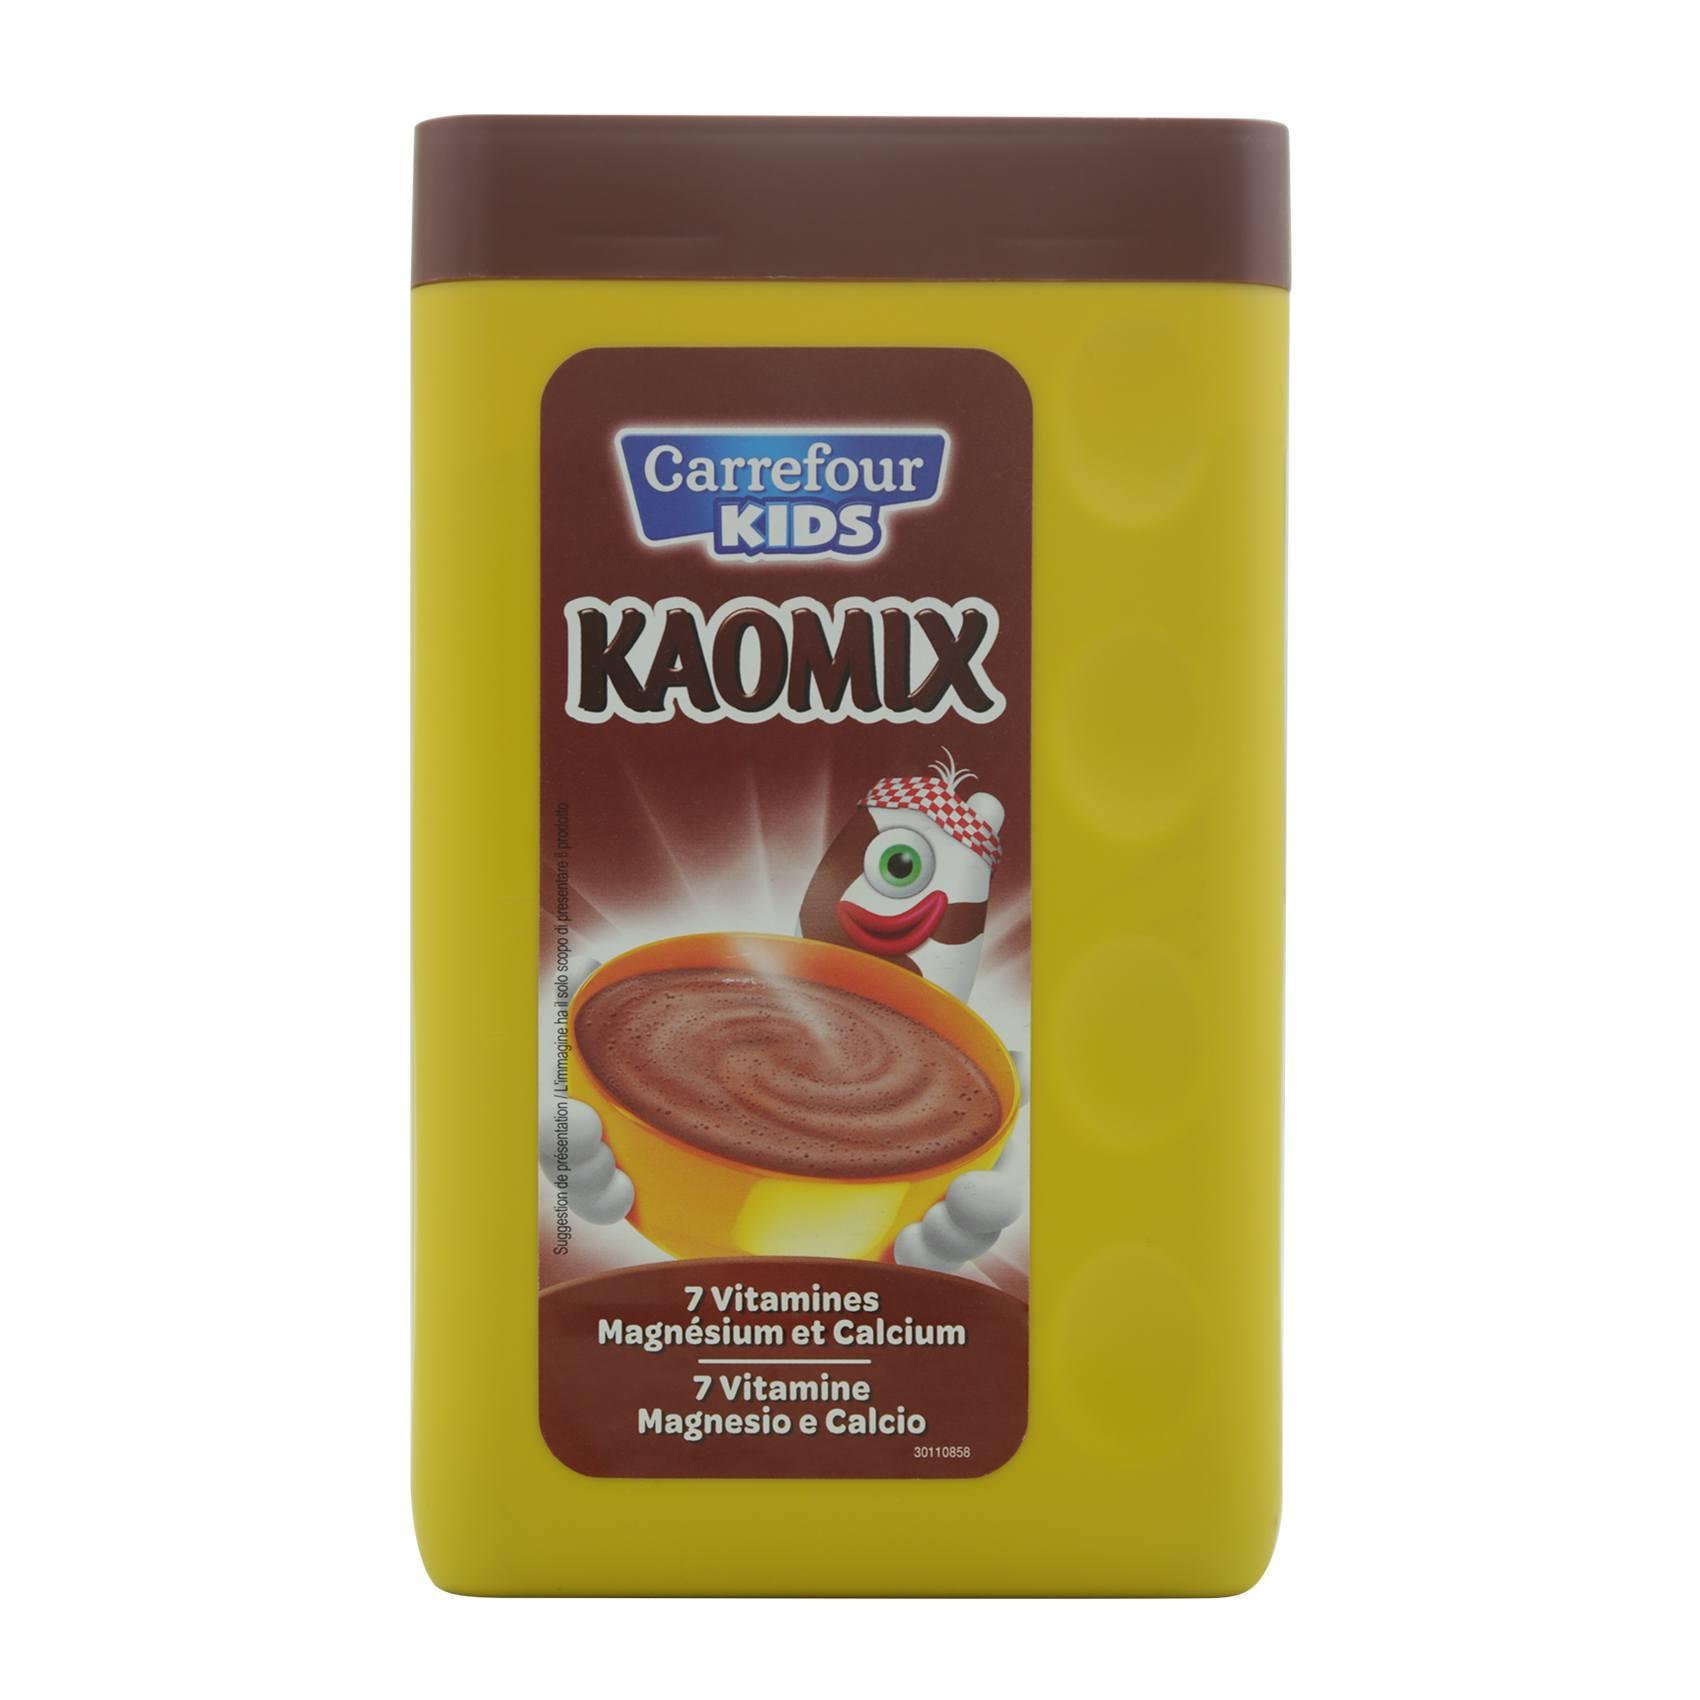 CRF KIDS KAOMIX CHOCO POWDER 450G